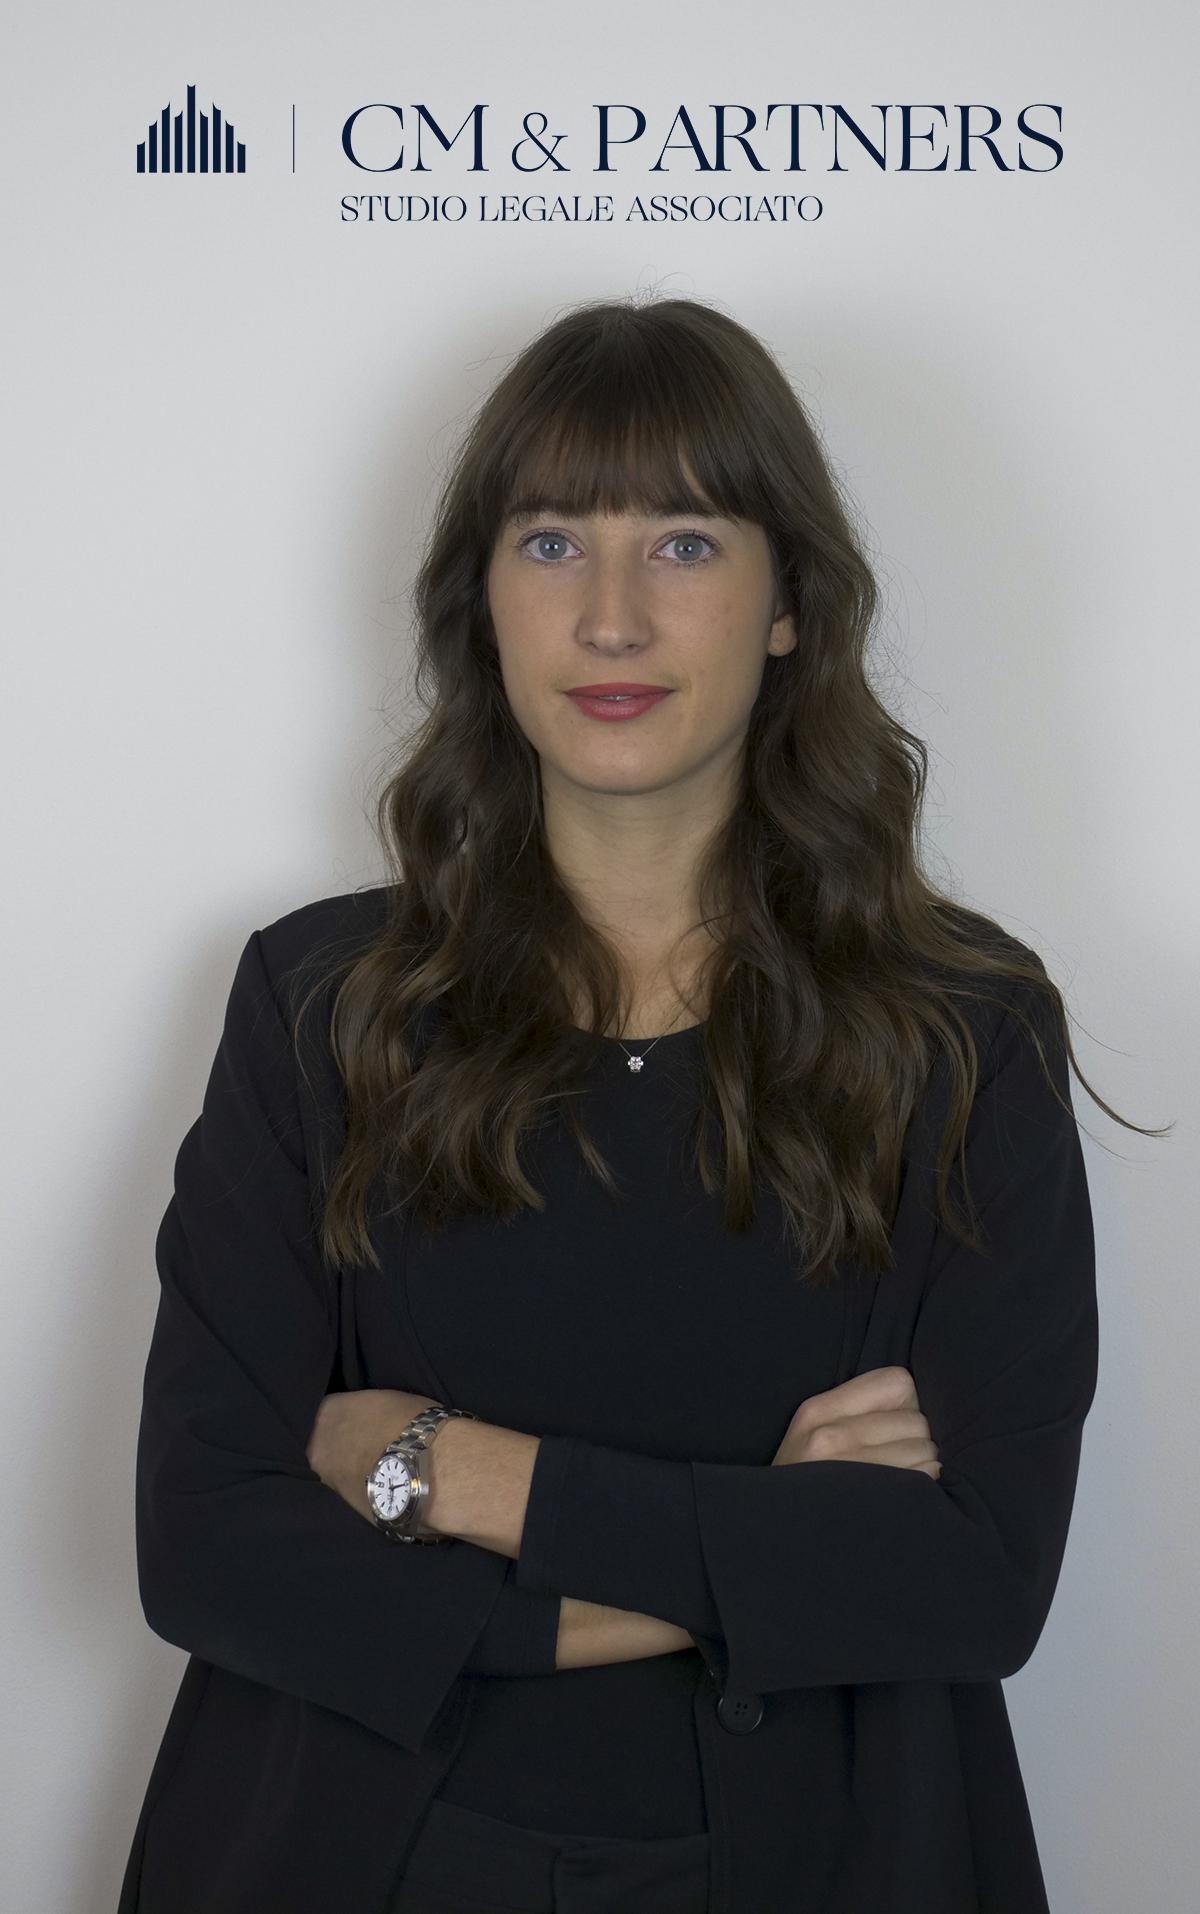 Dott.ssa Sofia Pachera Gasparini